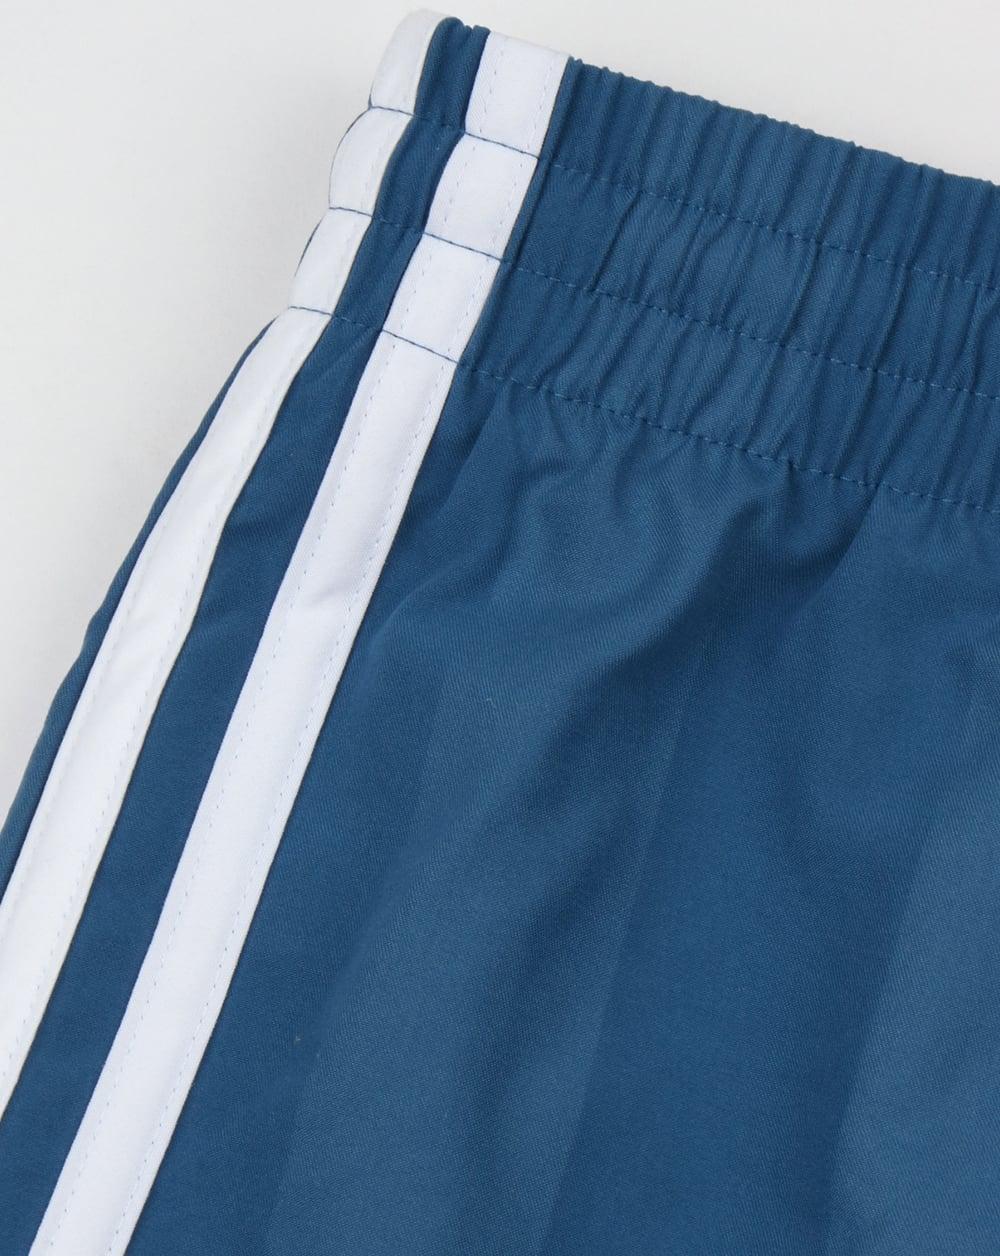 6dc9bdeea Adidas Originals Football Shorts Core Blue,retro,shiny,polyester,mens